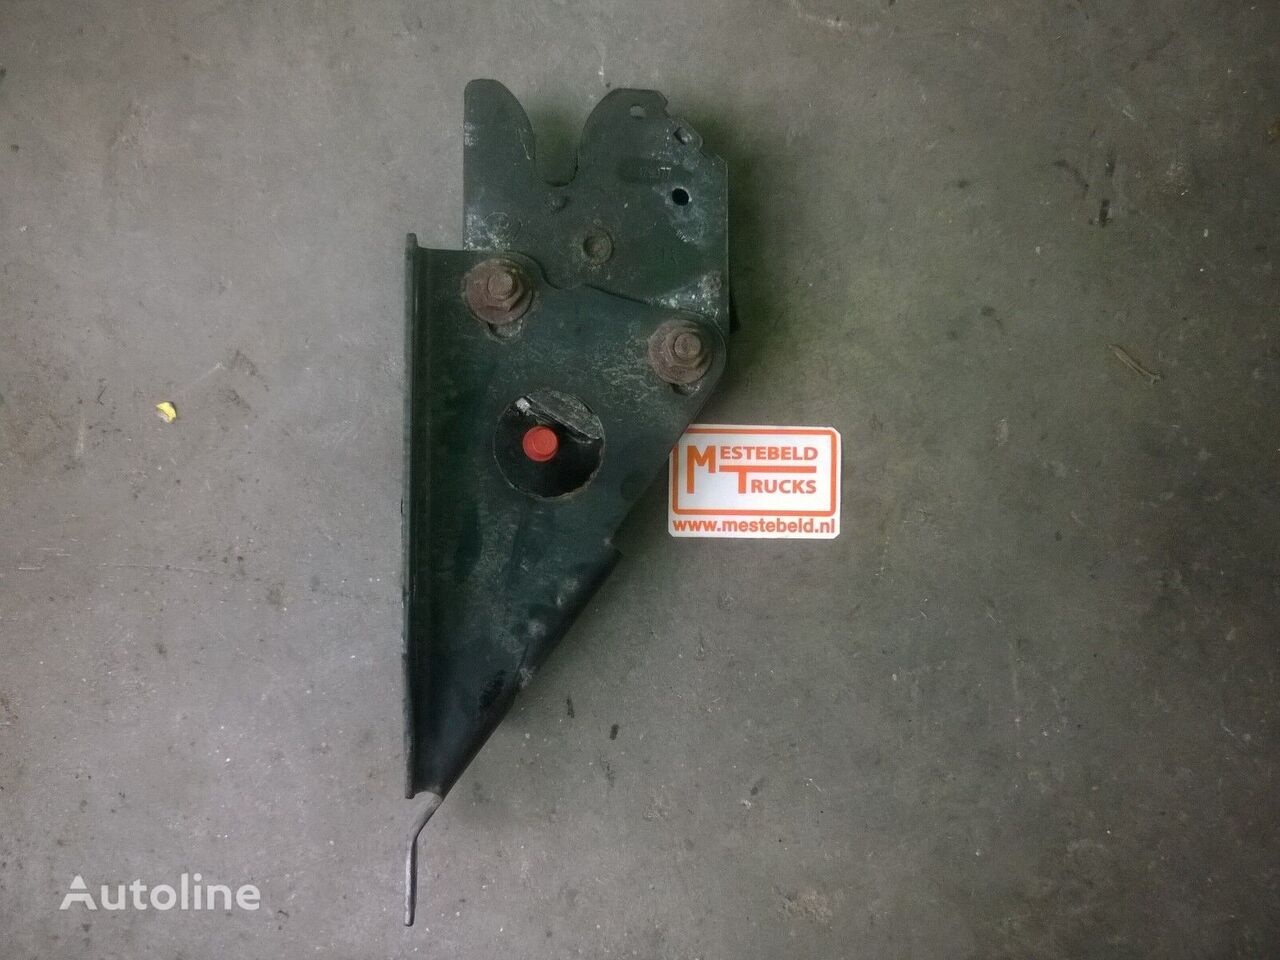 Cabineslot pièces de rechange pour RENAULT Cabineslot L/R camion